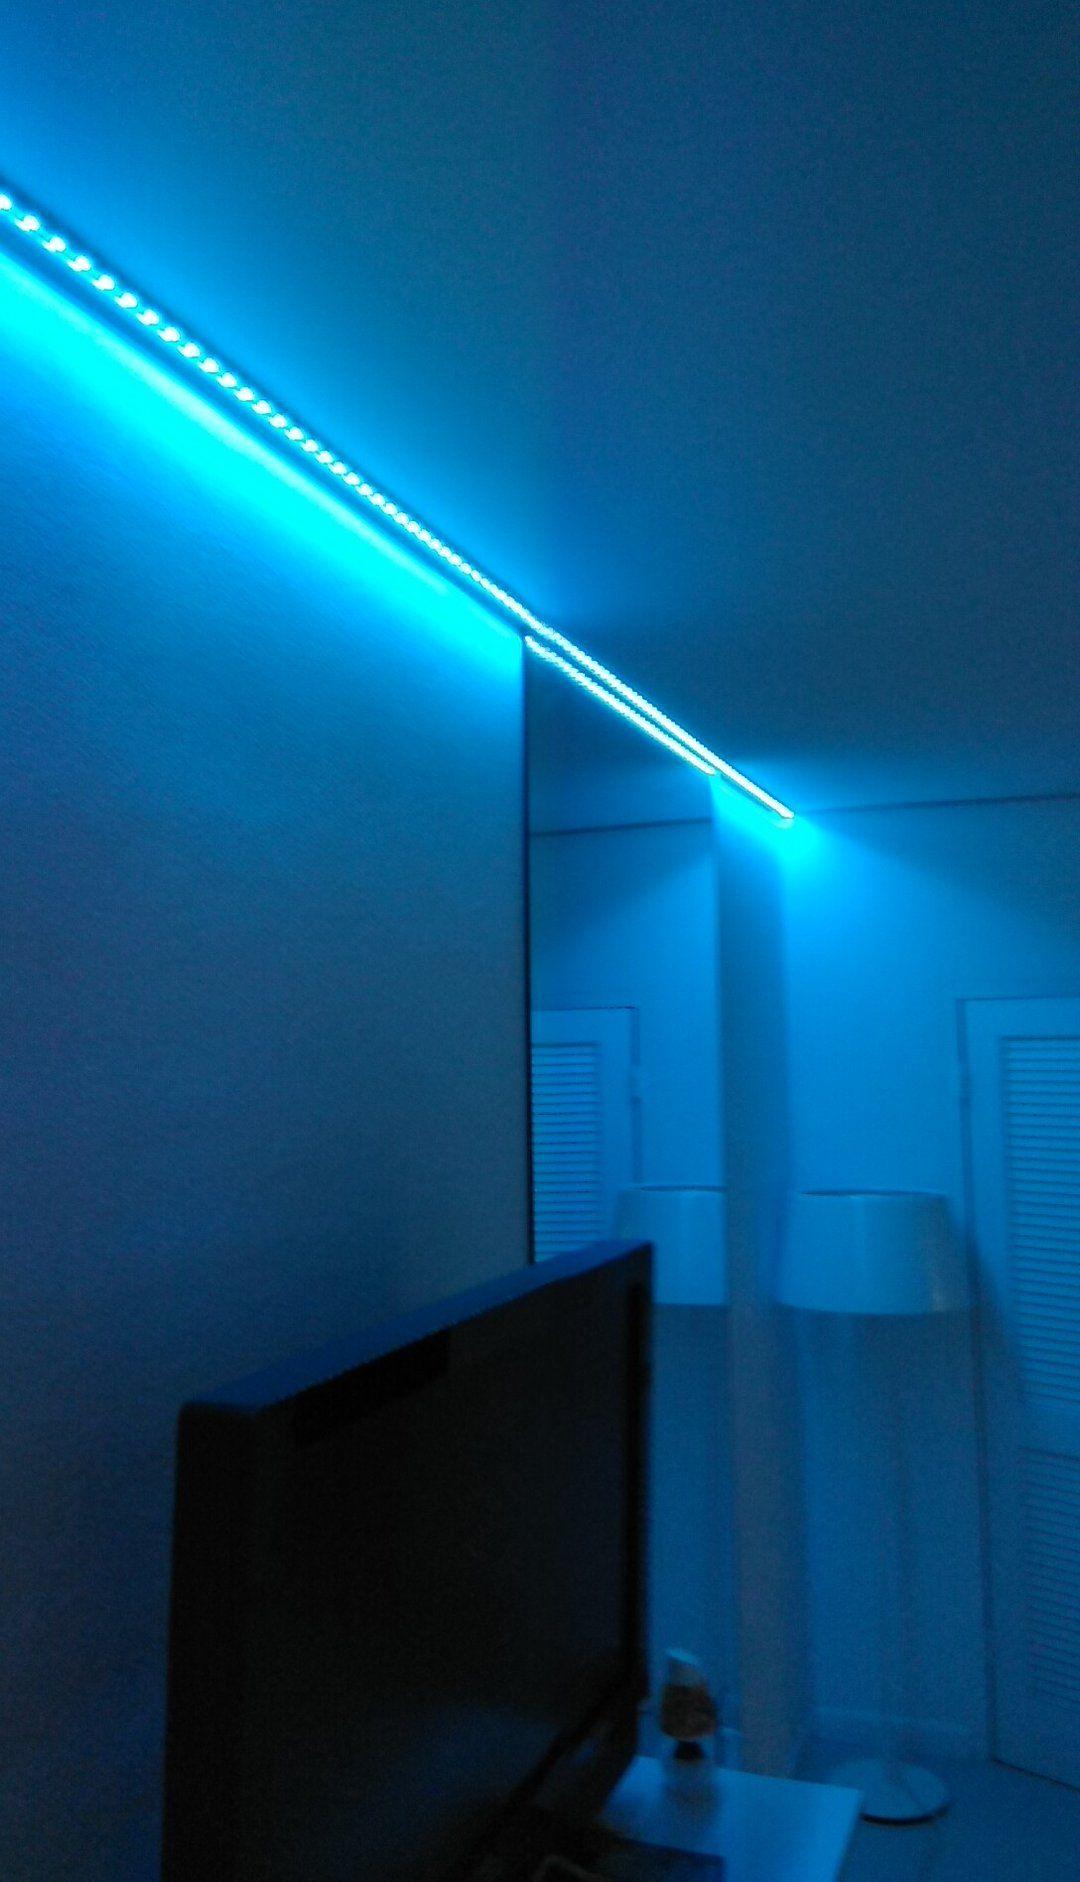 Led Strip Lights Led Strip Lights Bedroom Led Lighting Bedroom Colored Led Lights